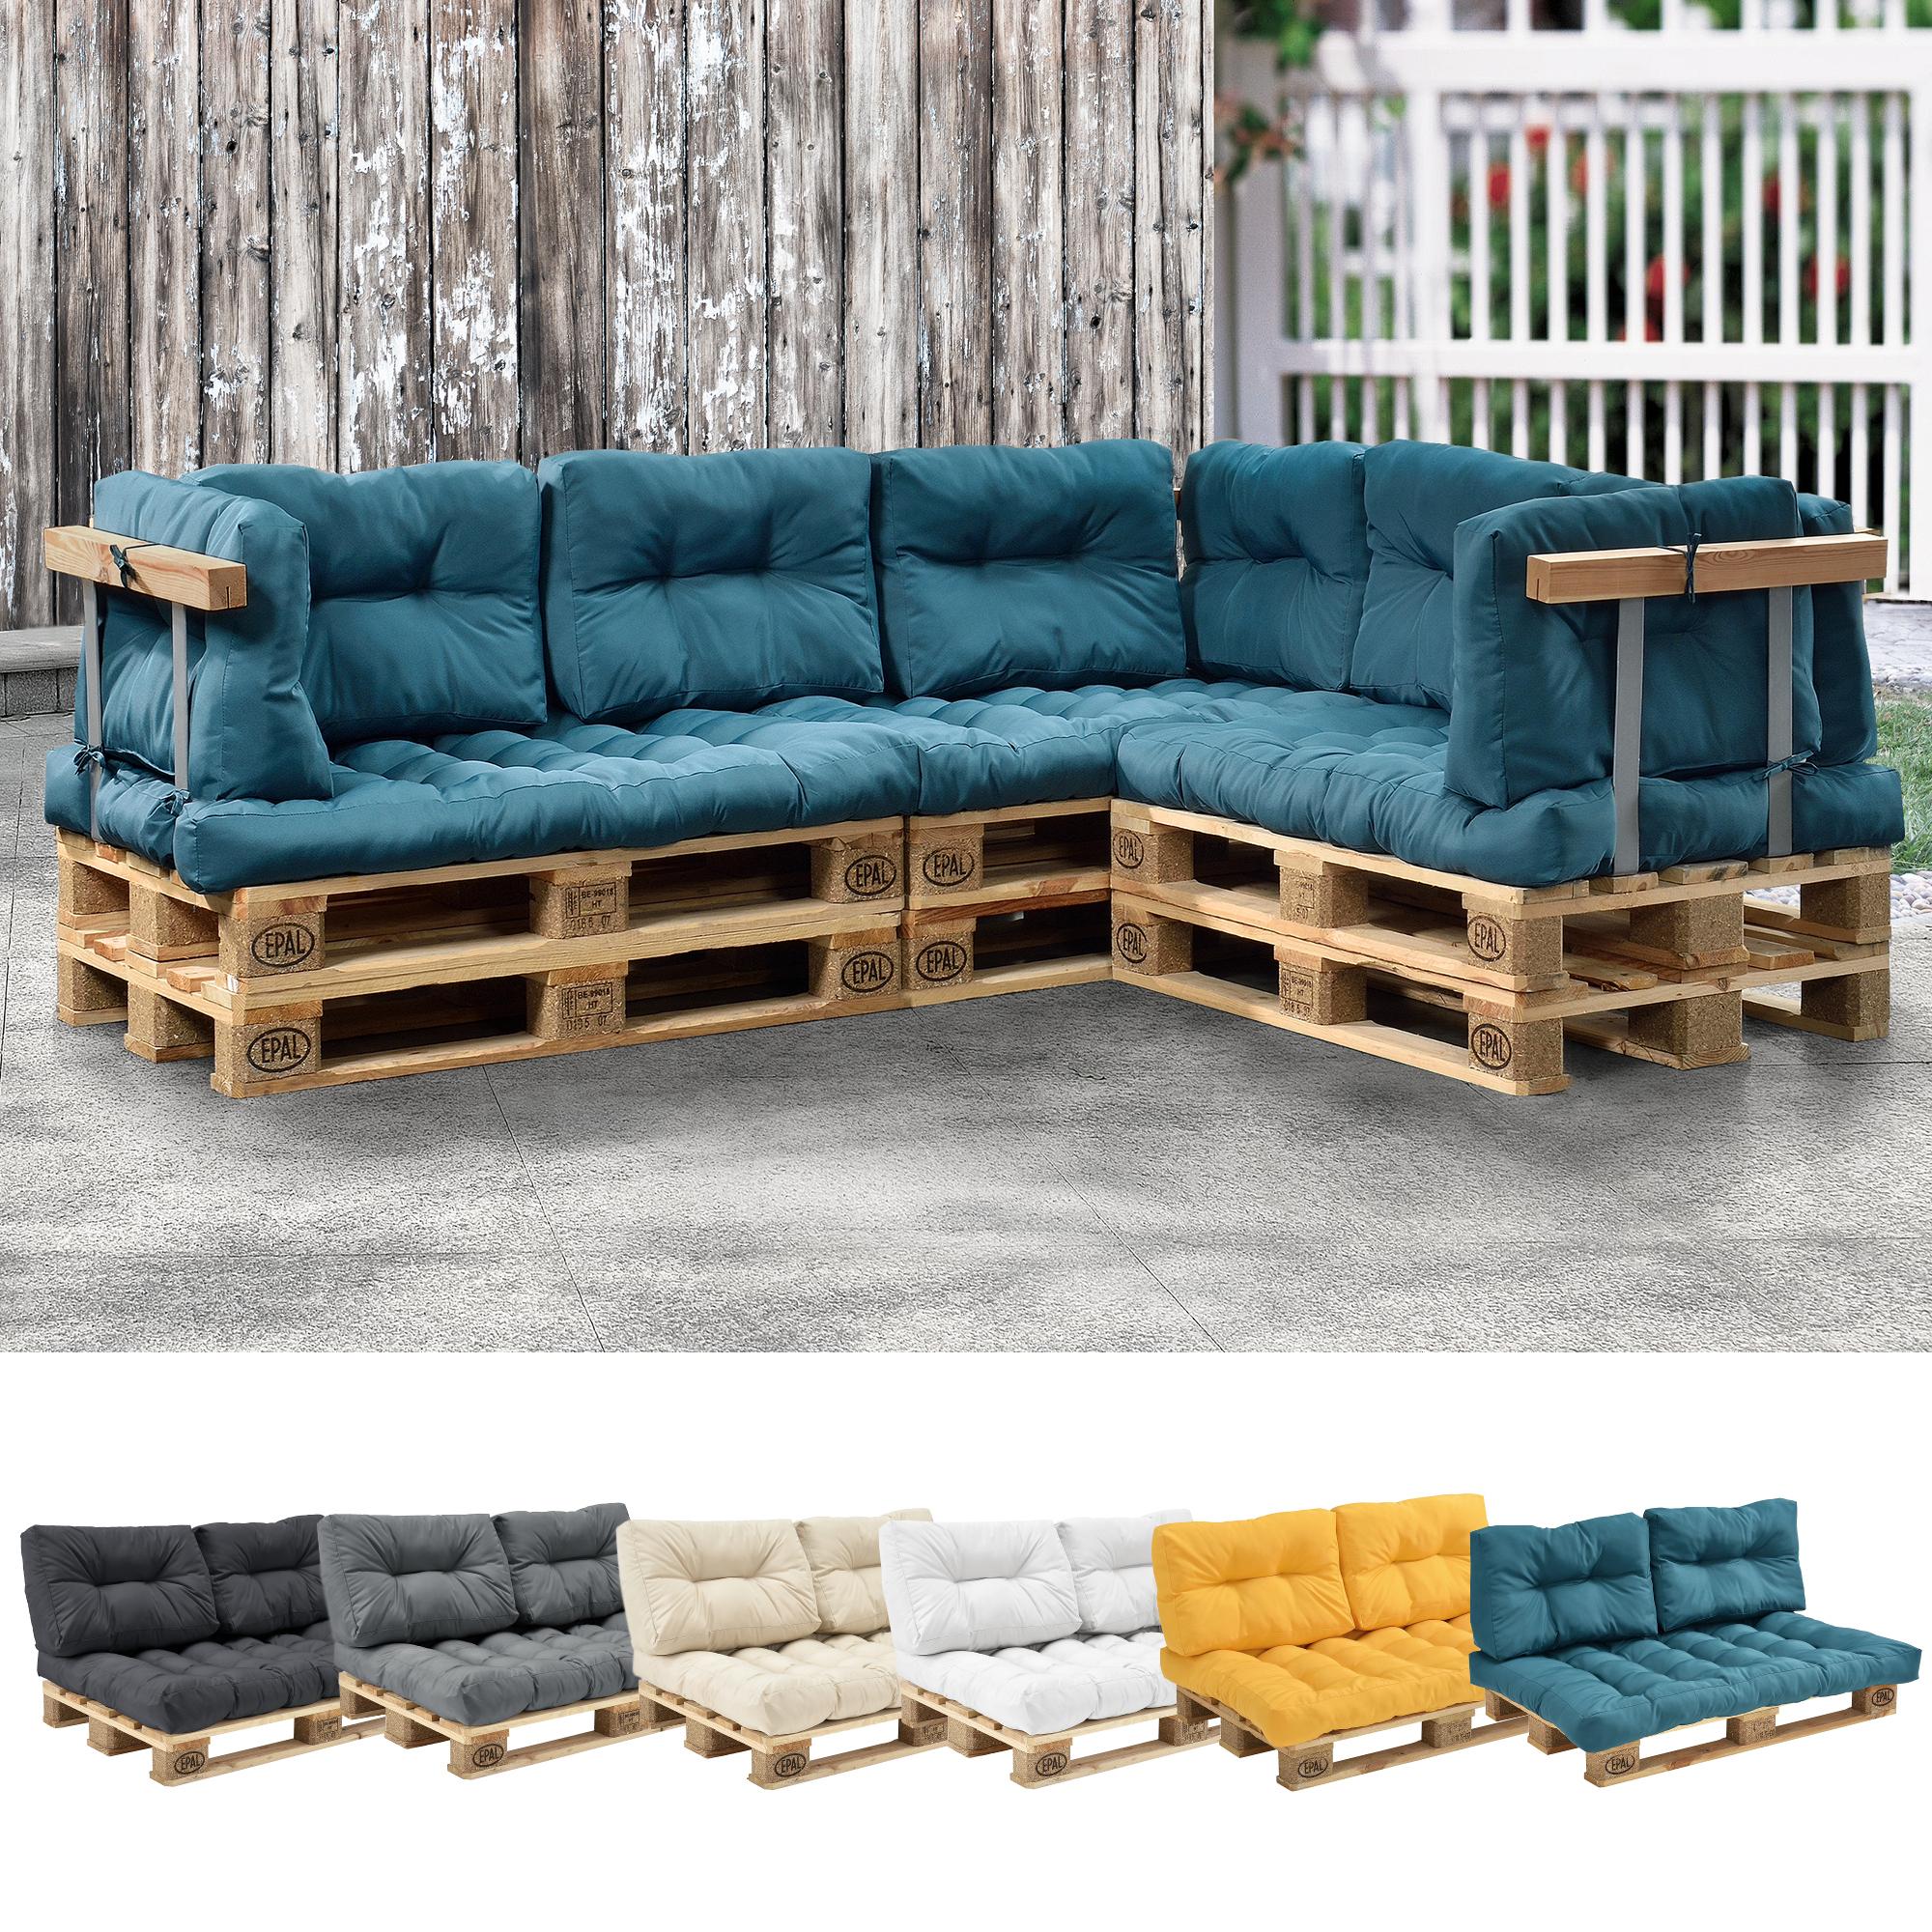 Coussin Pour Canapã© En Palette Concept - Idees Conception ... concernant Coussin Pour Salon De Jardin En Palette